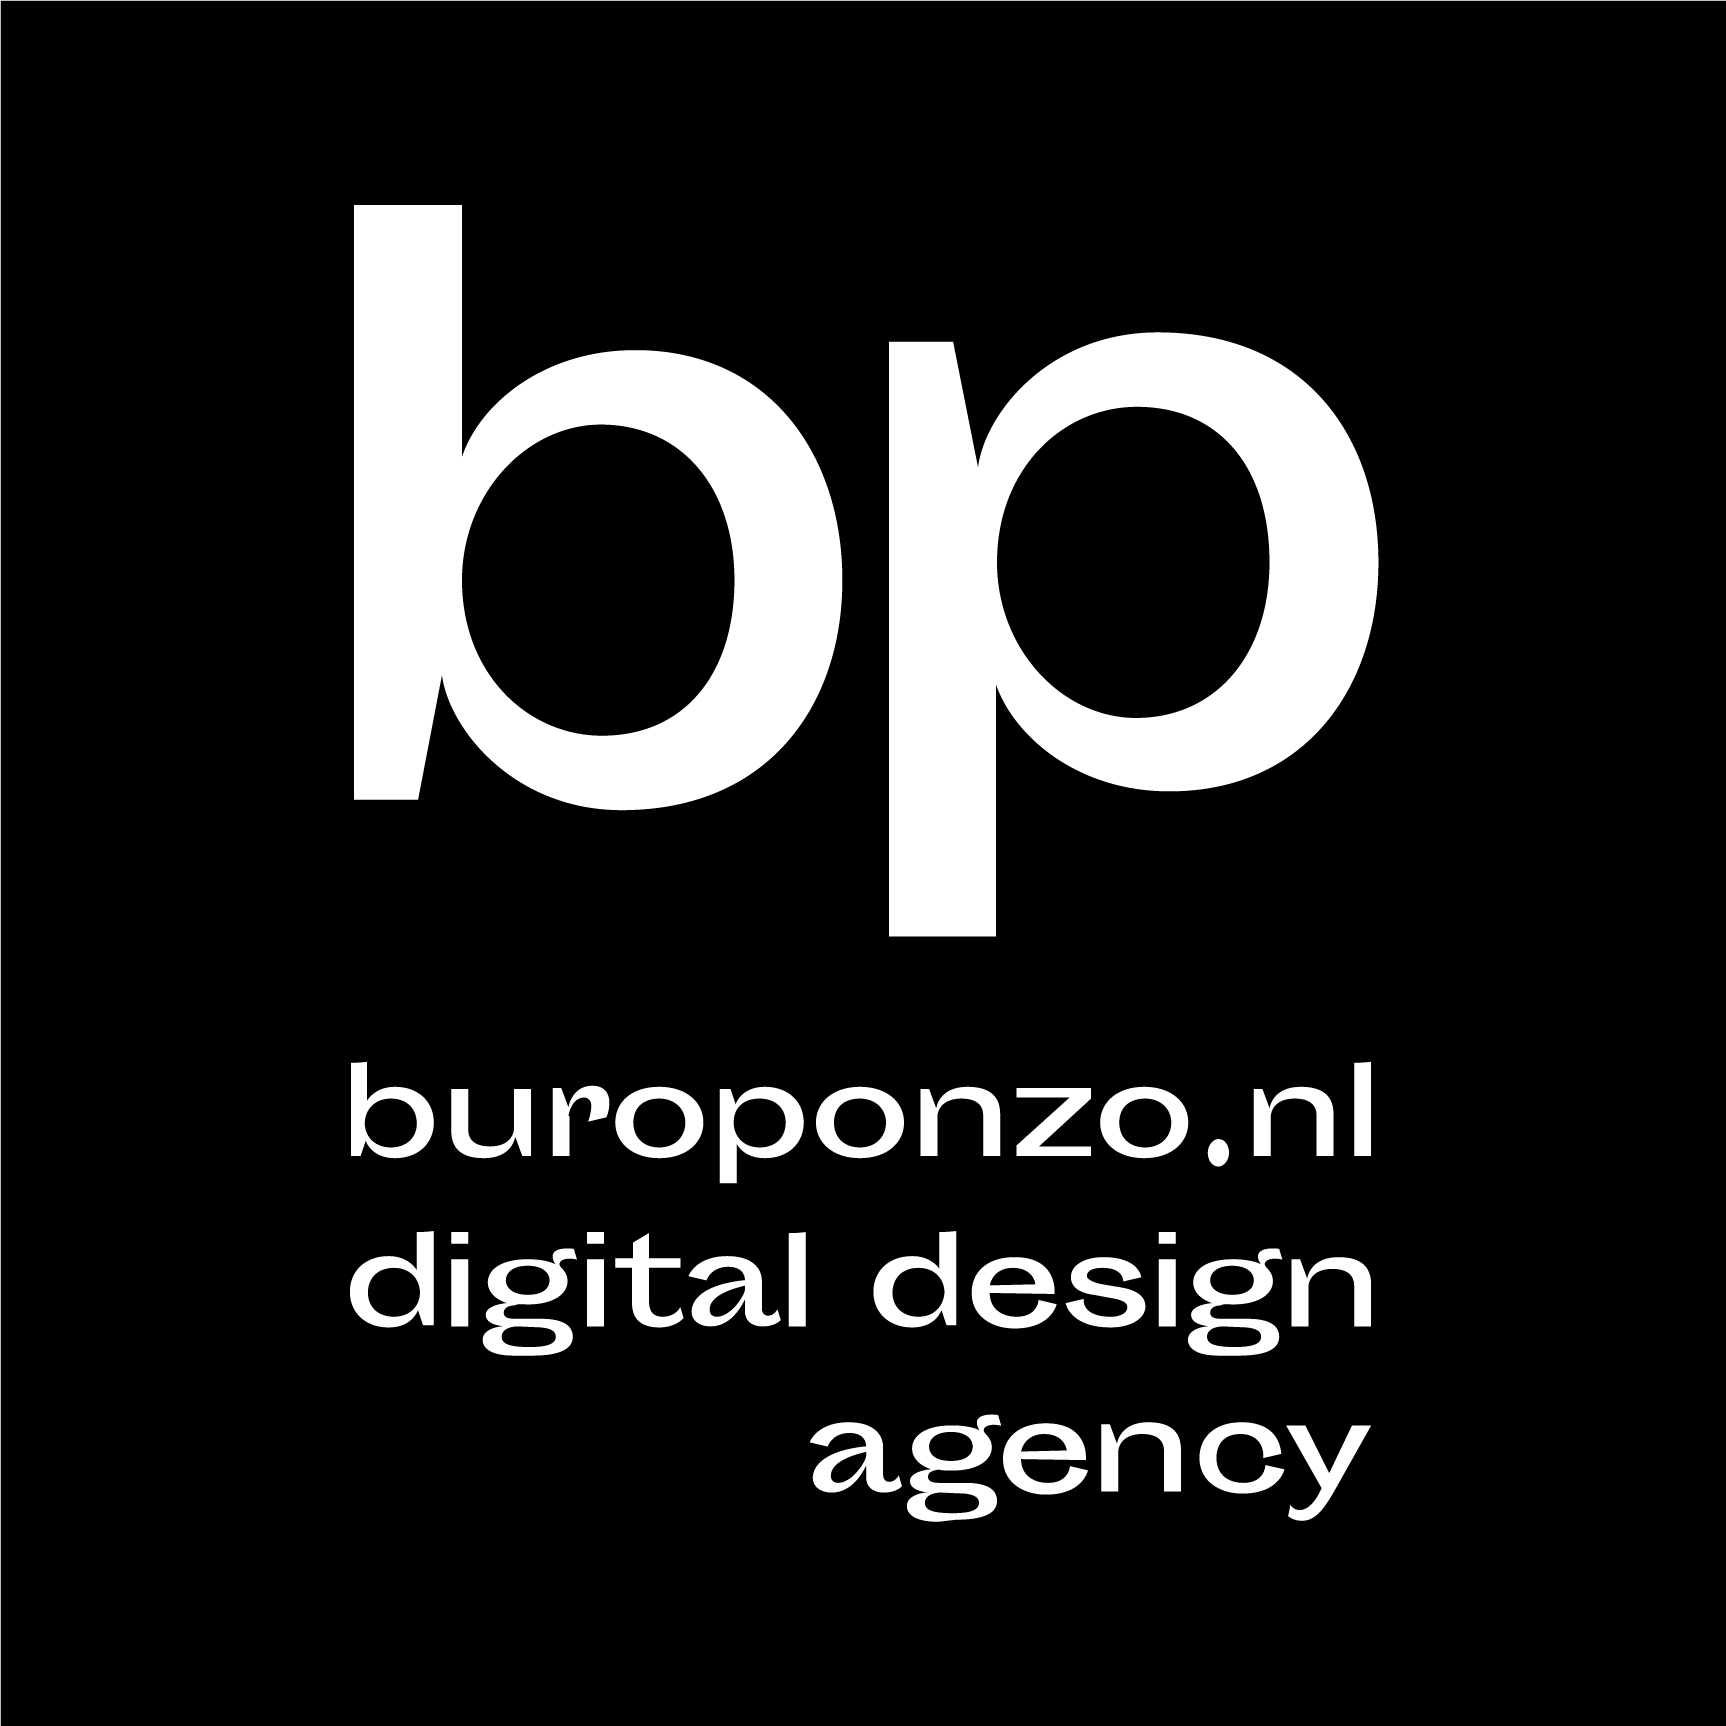 bp_logo_url.jpg